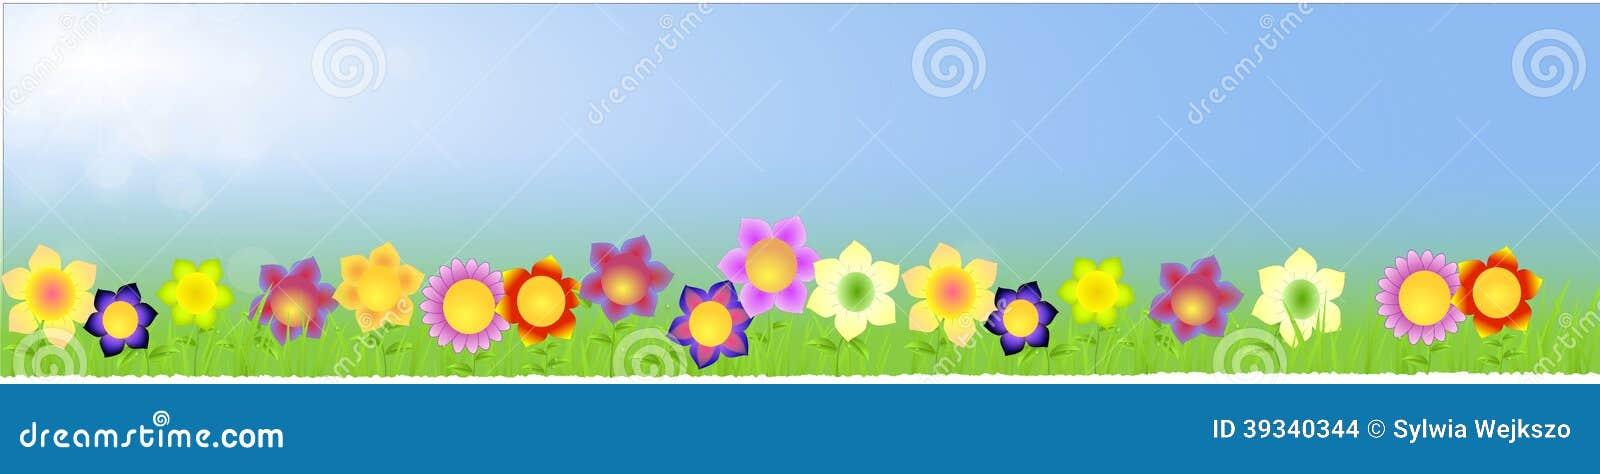 Bandera con las flores grandes en el fondo de la primavera